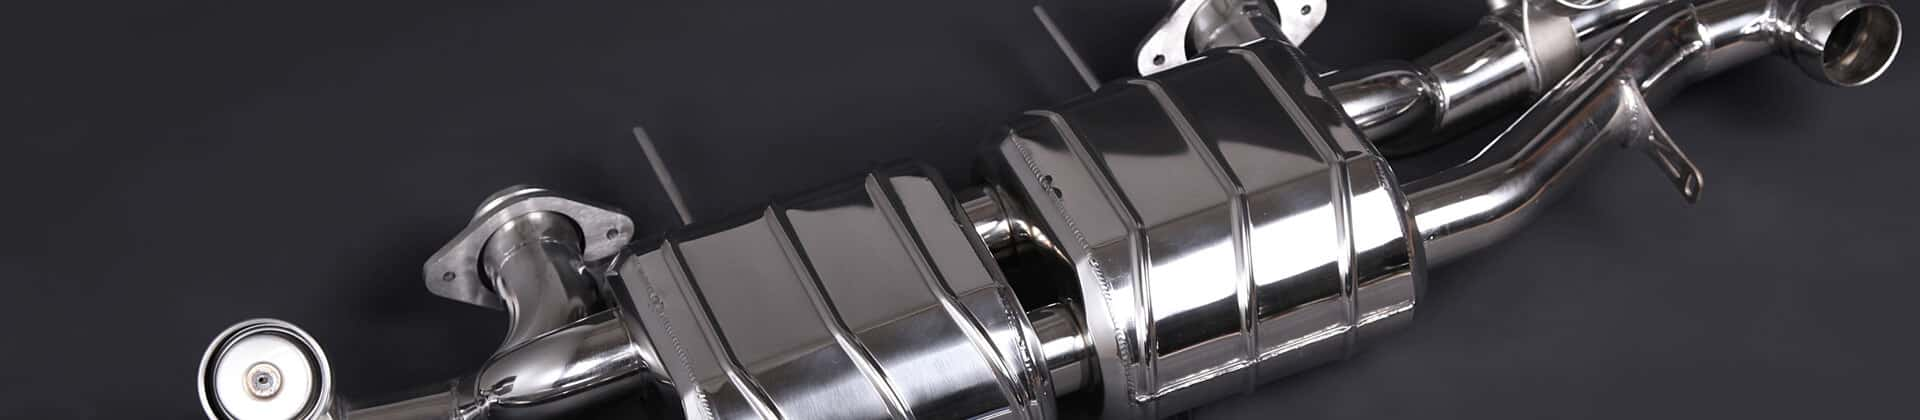 motortuning v12 aston martin DBS